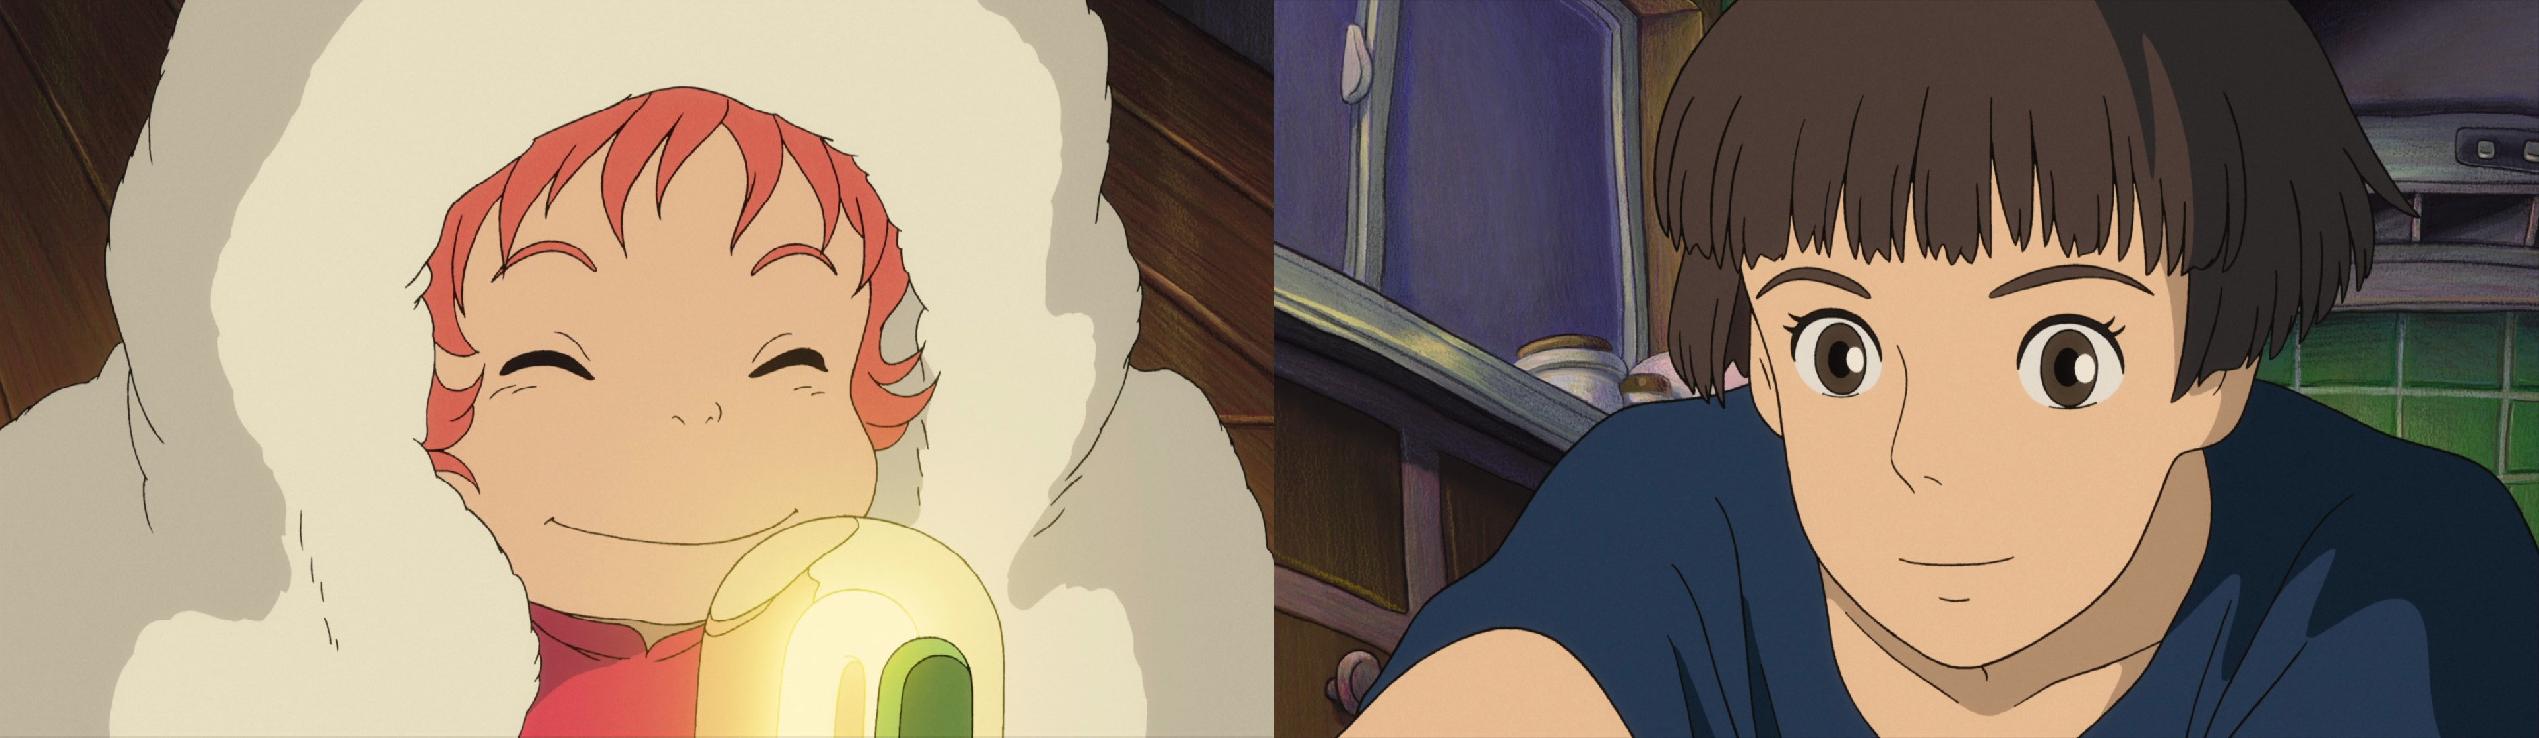 Granmamare's real daughter Lisa & granddaughter Ponyo 2